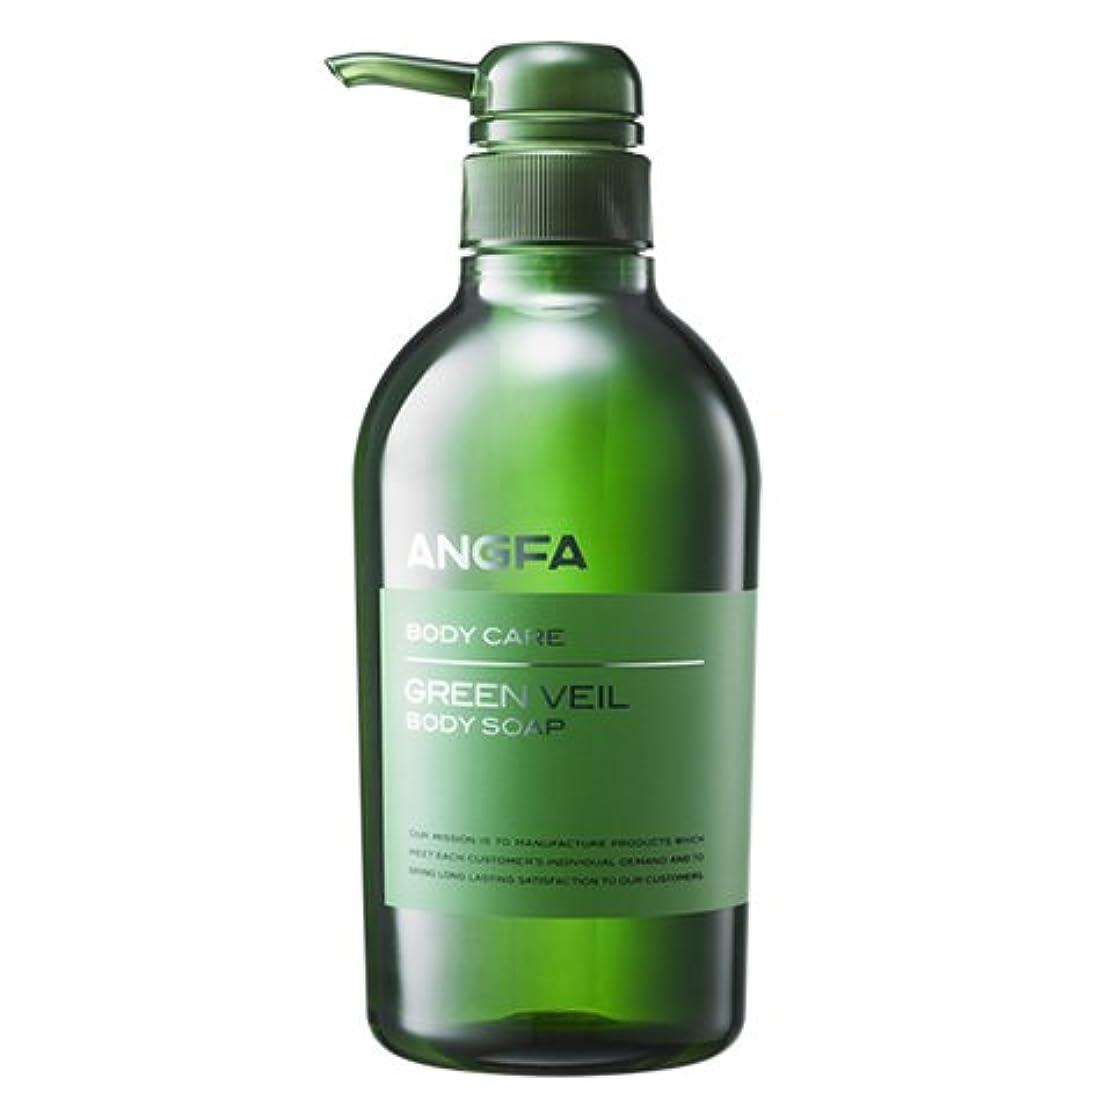 ジレンマアパル阻害するアンファー (ANGFA) グリーンベール 薬用ボディソープ 500ml グリーンフローラル [乾燥?保湿] かゆみ肌